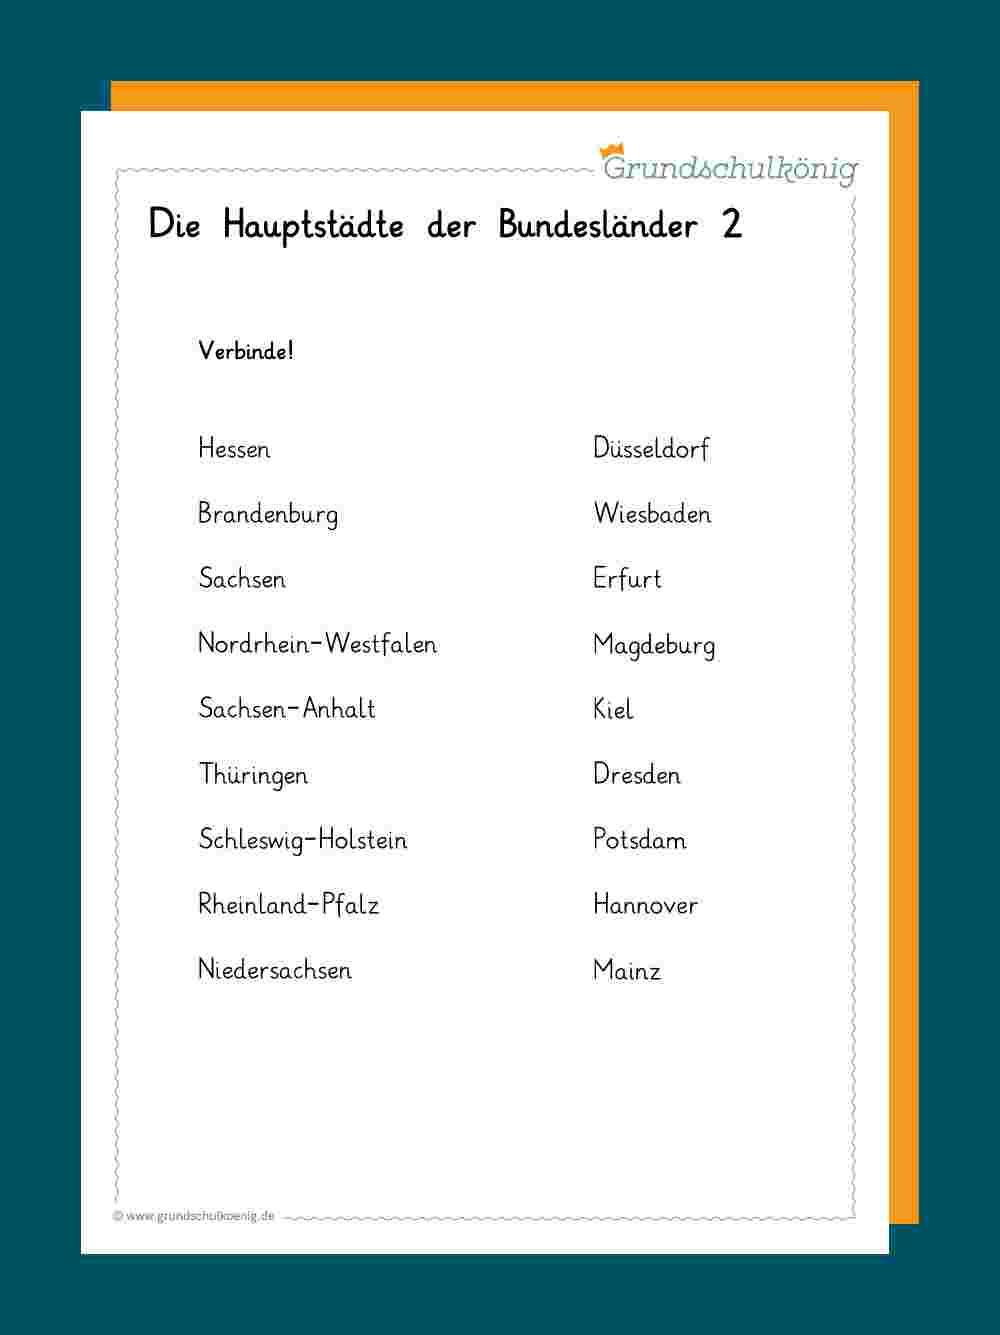 Deutschland verwandt mit 16 Bundesländer Und Ihre Hauptstädte Liste